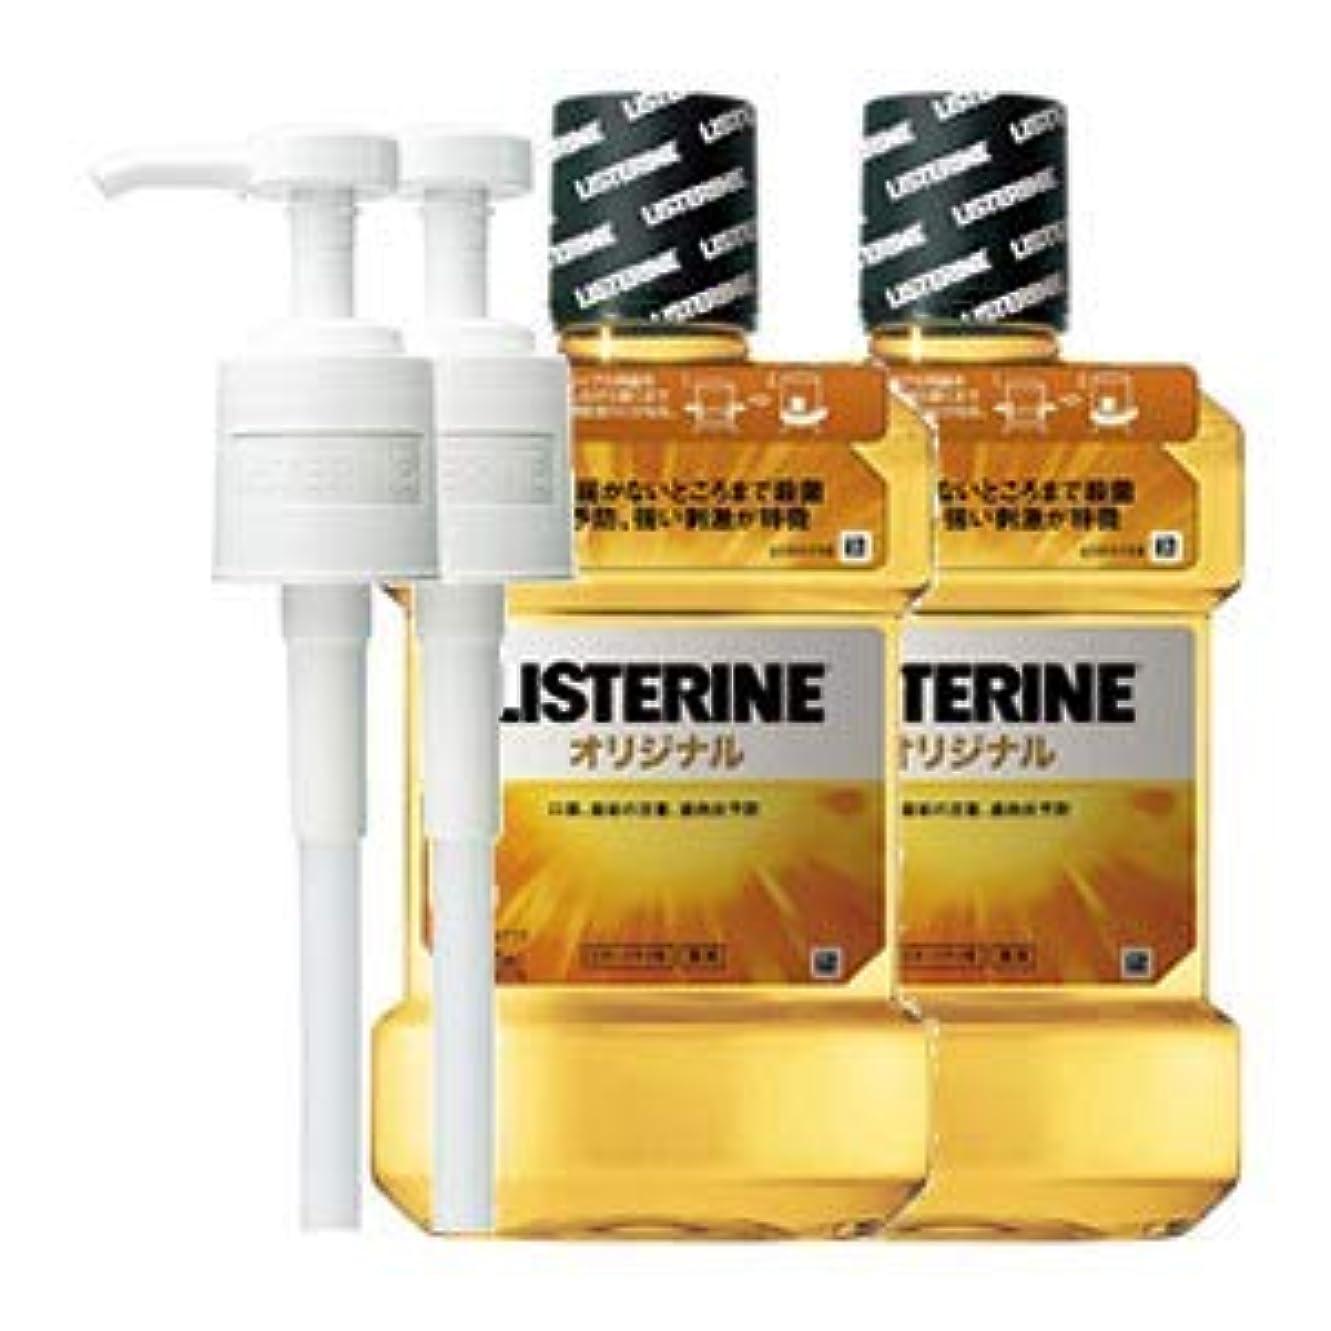 良さ放置トラフィック薬用リステリン オリジナル (マウスウォッシュ/洗口液) 1000mL 2点セット (ポンプ付)